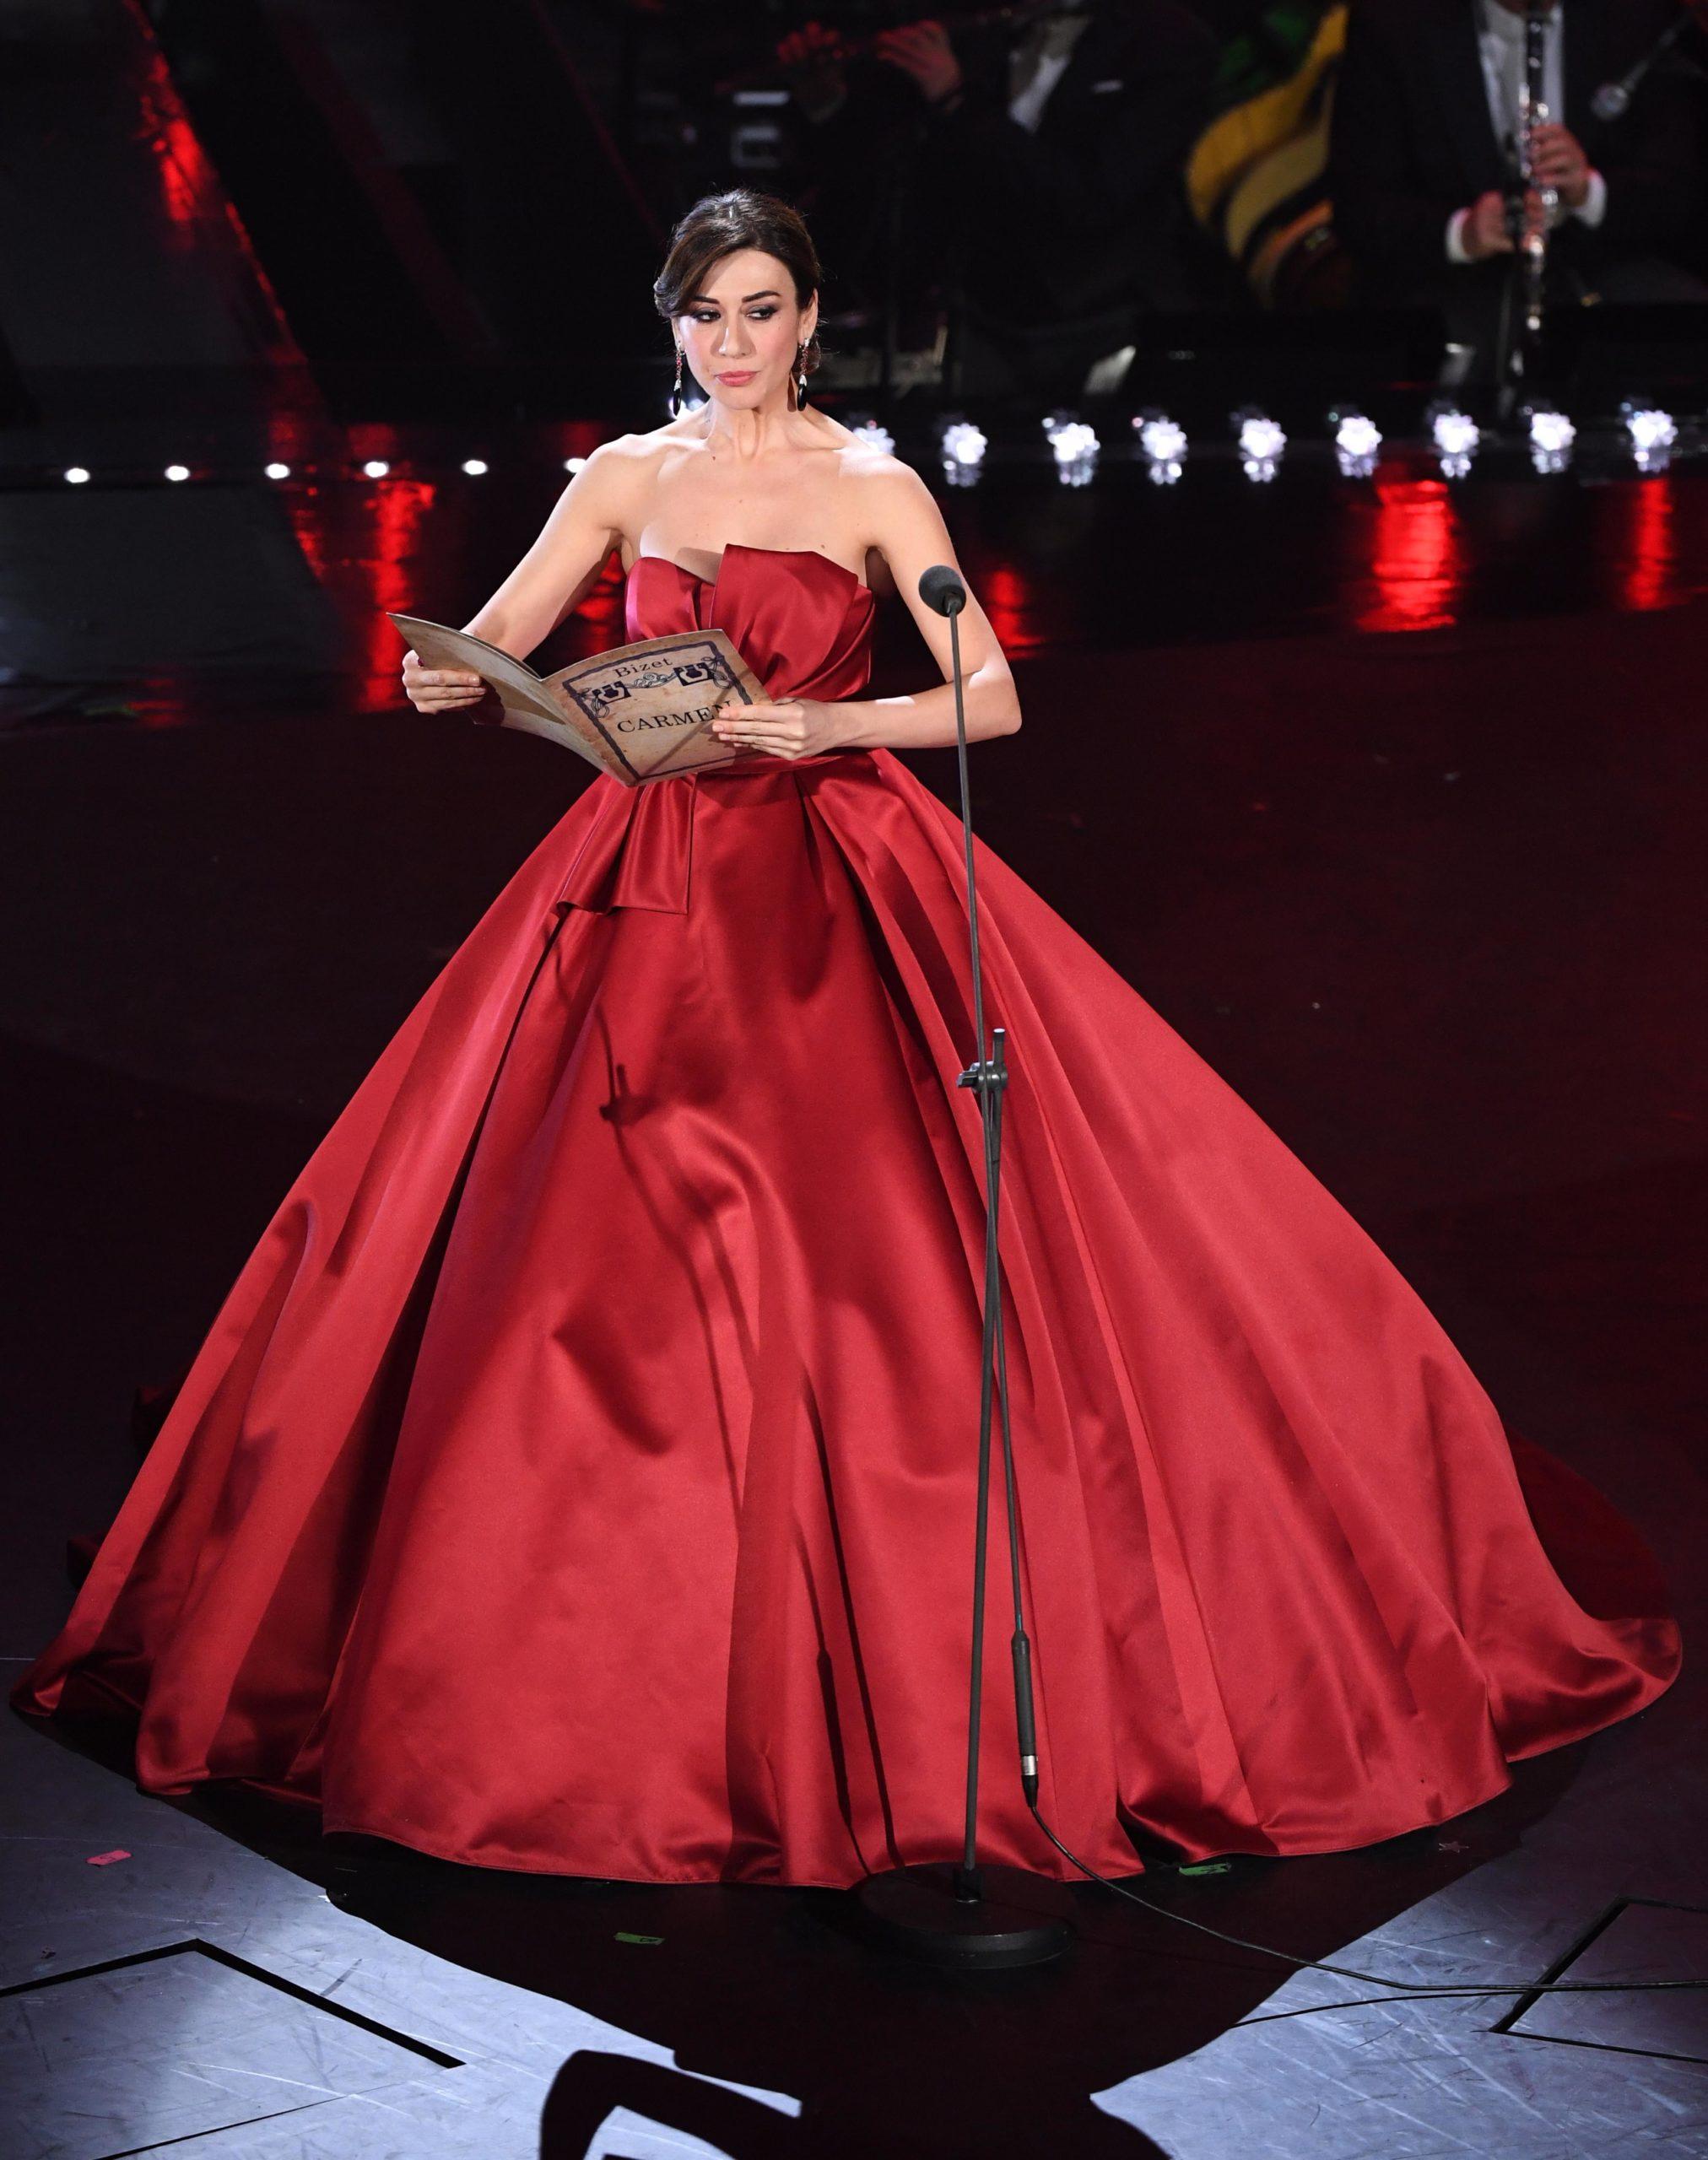 Il look di Virginia Raffaele durante la seconda serata di Sanremo 2019